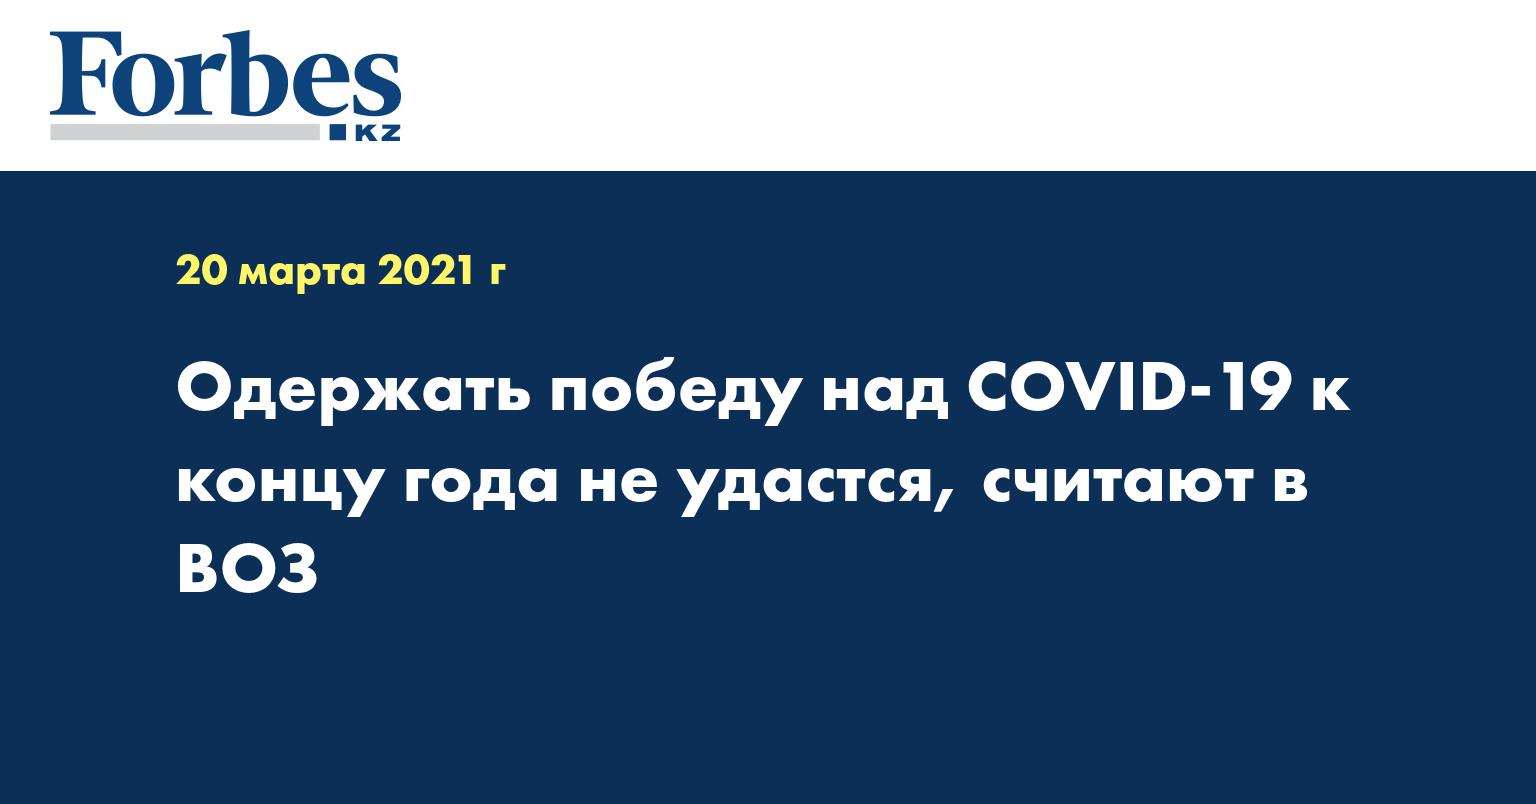 Одержать победу над COVID-19 к концу года не удастся, считают в ВОЗ